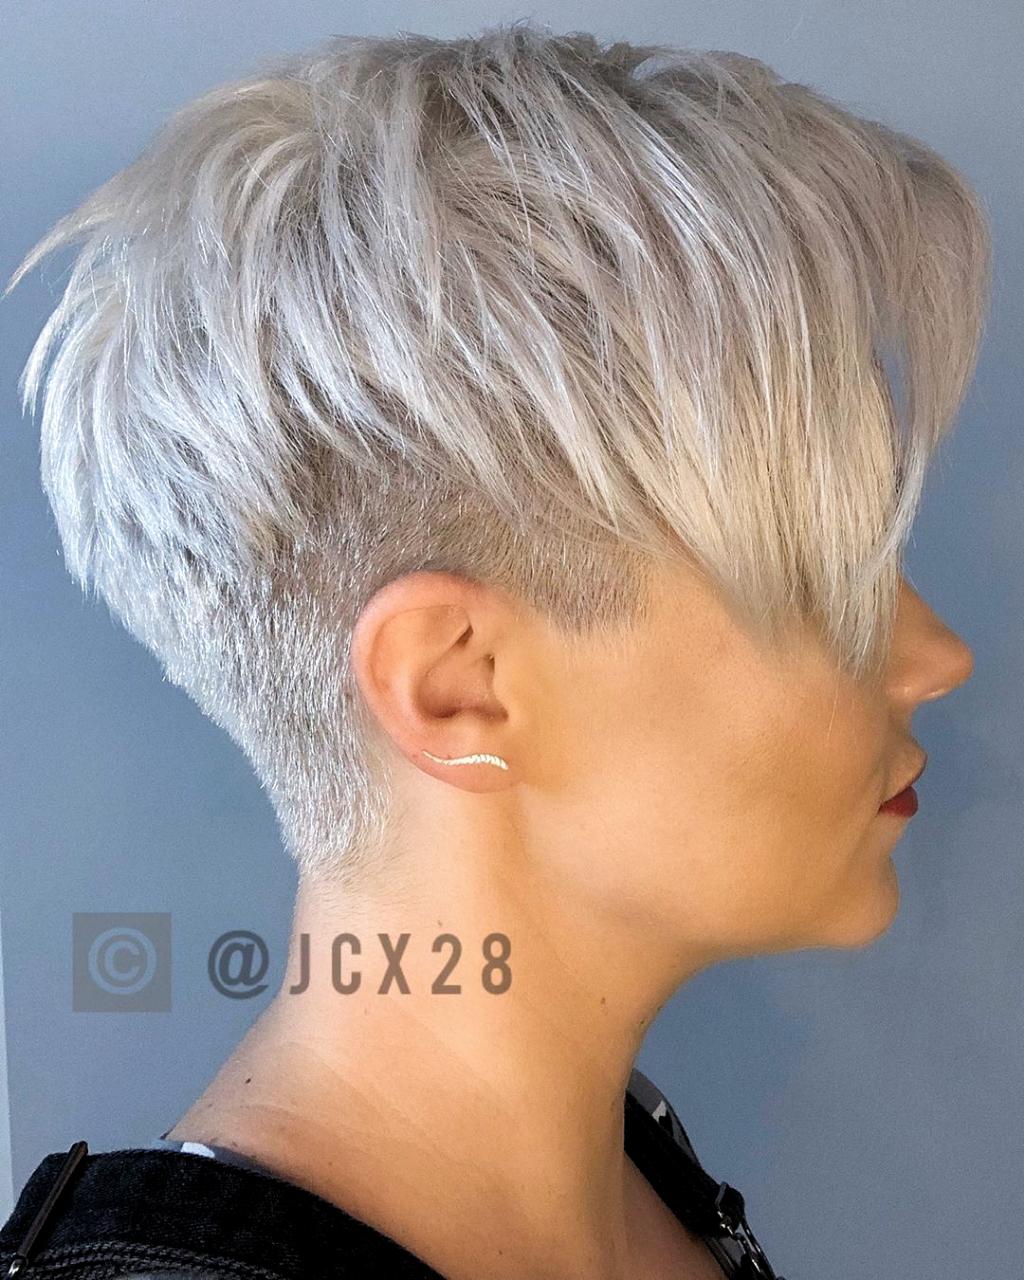 Wie Finde Ich Den Richtigen Kurzhaarschnitt Fur Mein Gesicht In 2020 Frisuren Kurze Graue Haare Haarschnitt Kurze Haare Haarschnitt Kurz